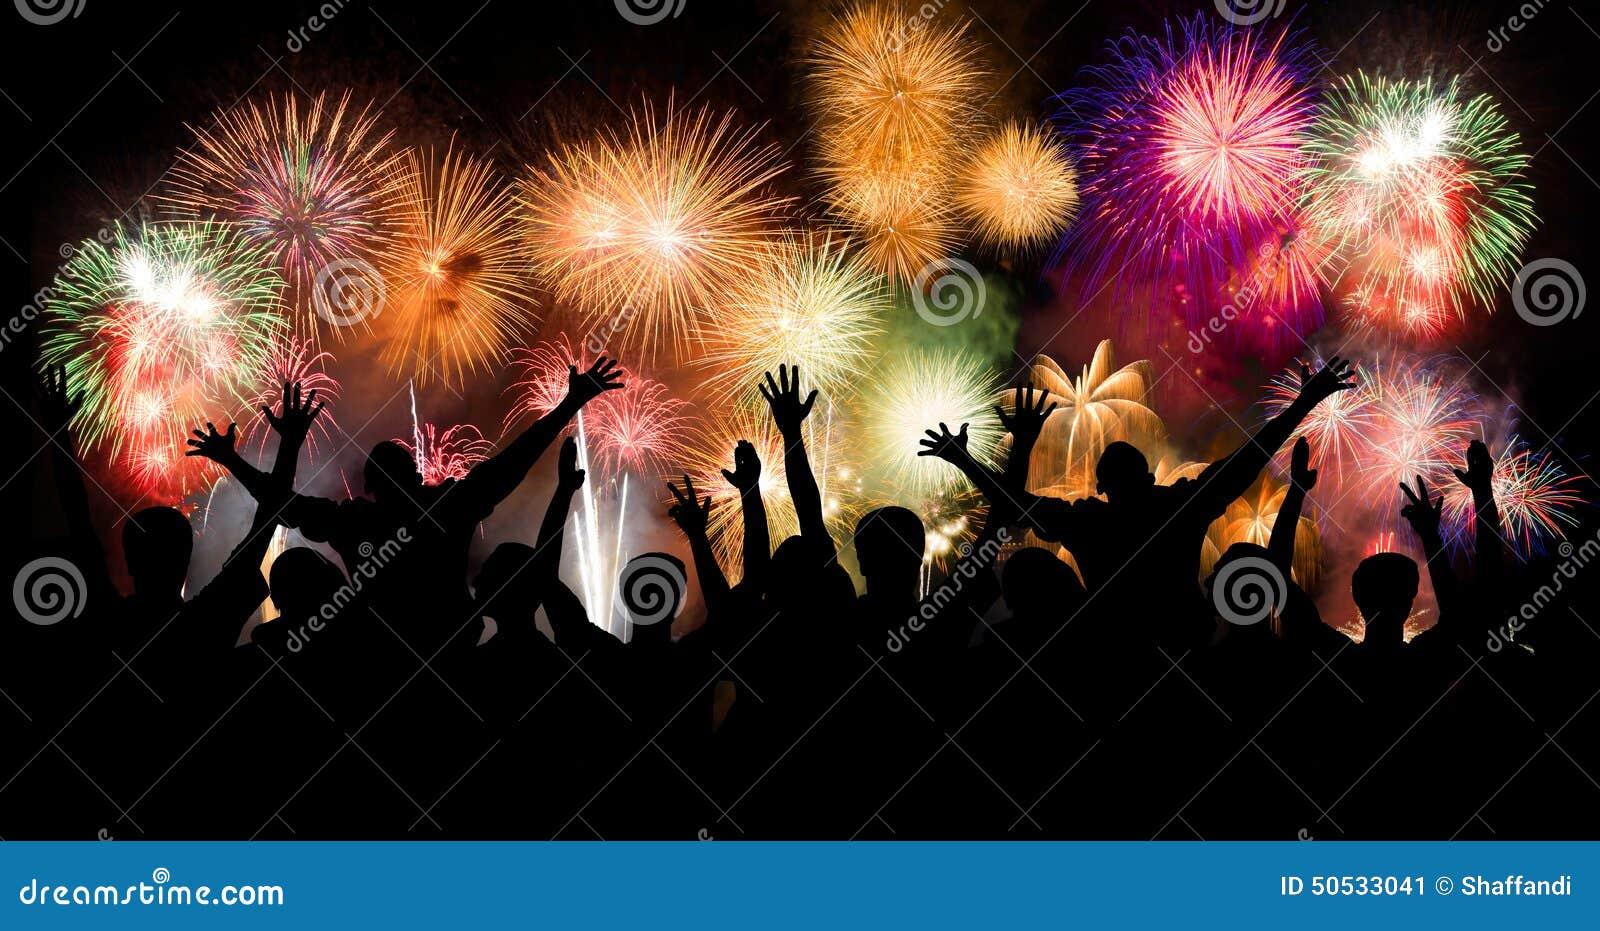 Die Gruppe von Personen, die großartige Feuerwerke genießt, zeigen in einem Karneval oder in einem Feiertag